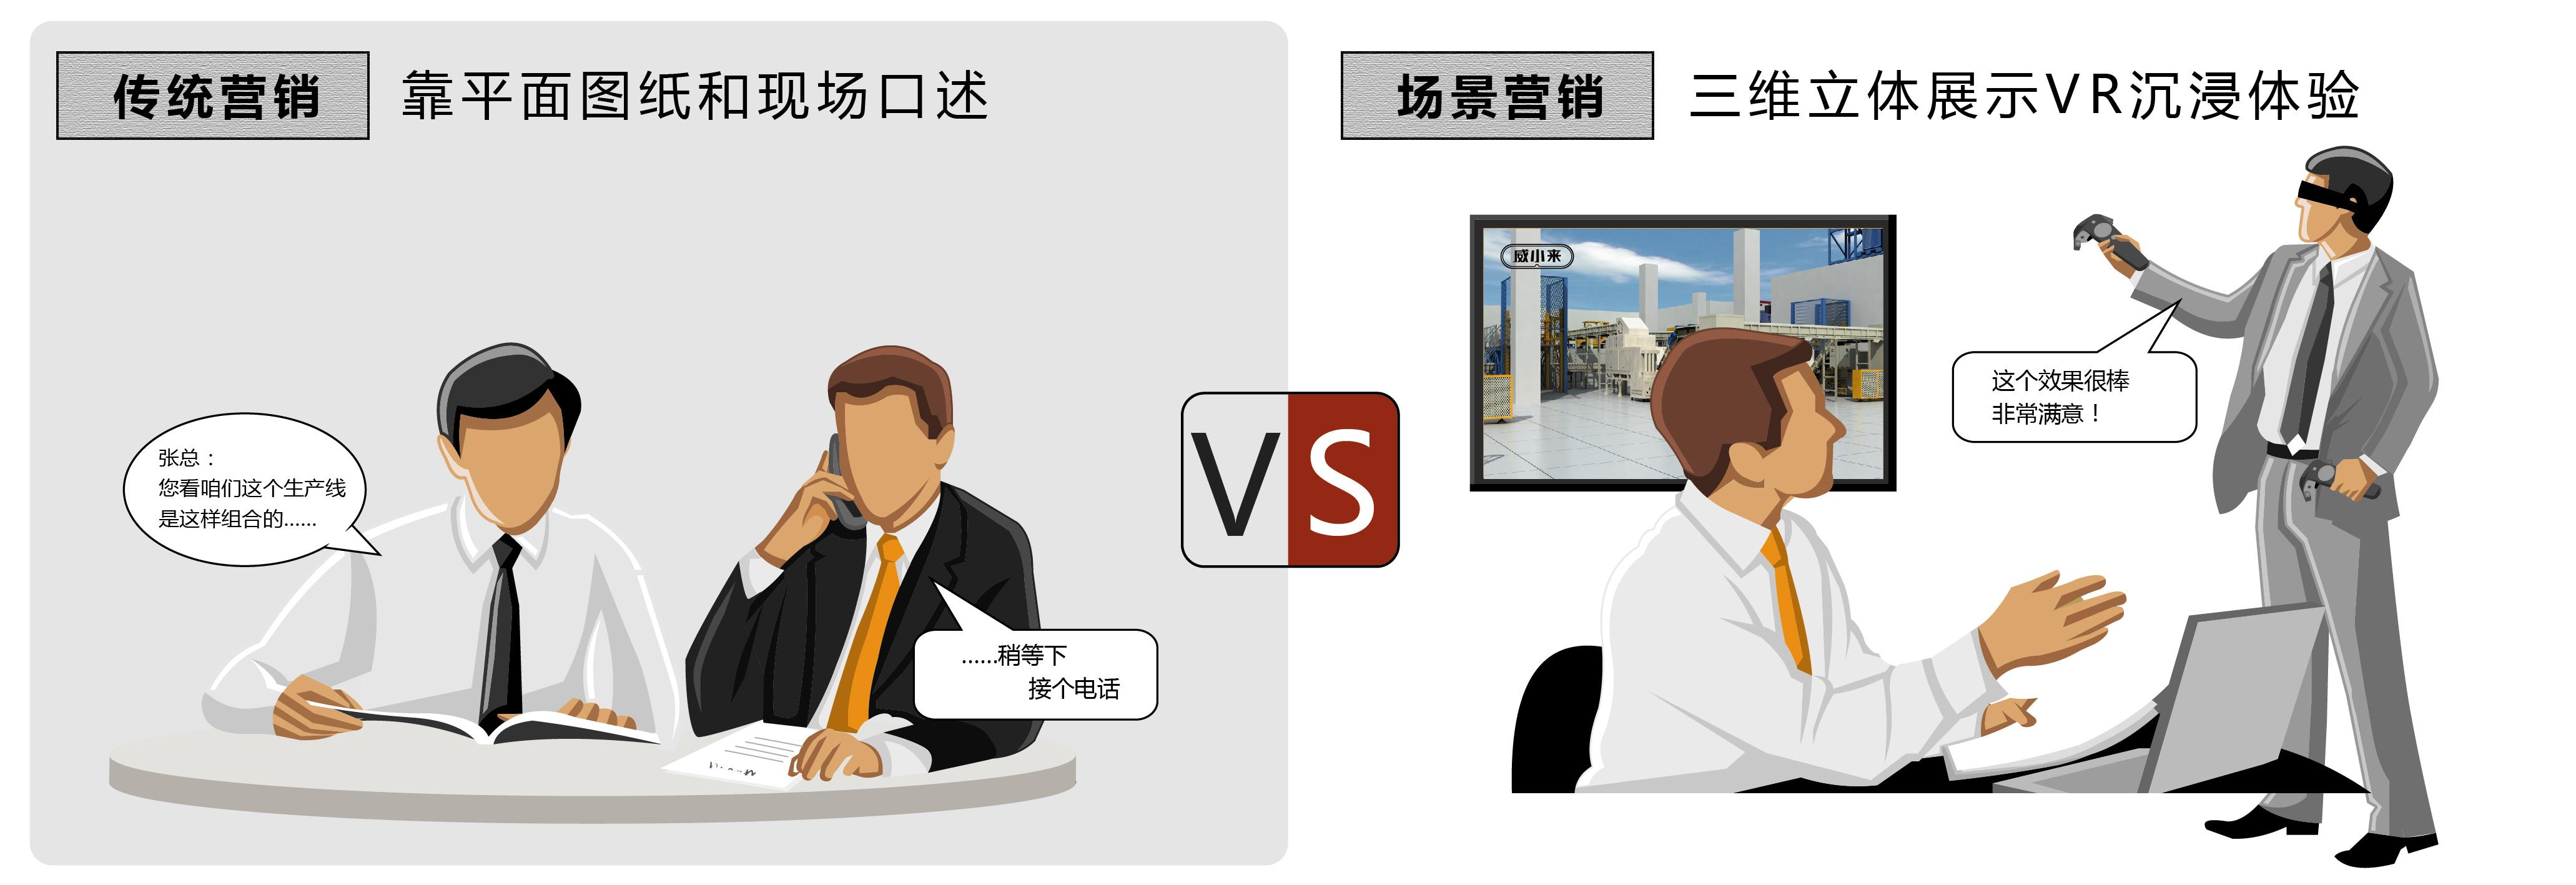 身临其境场景化营销.jpg